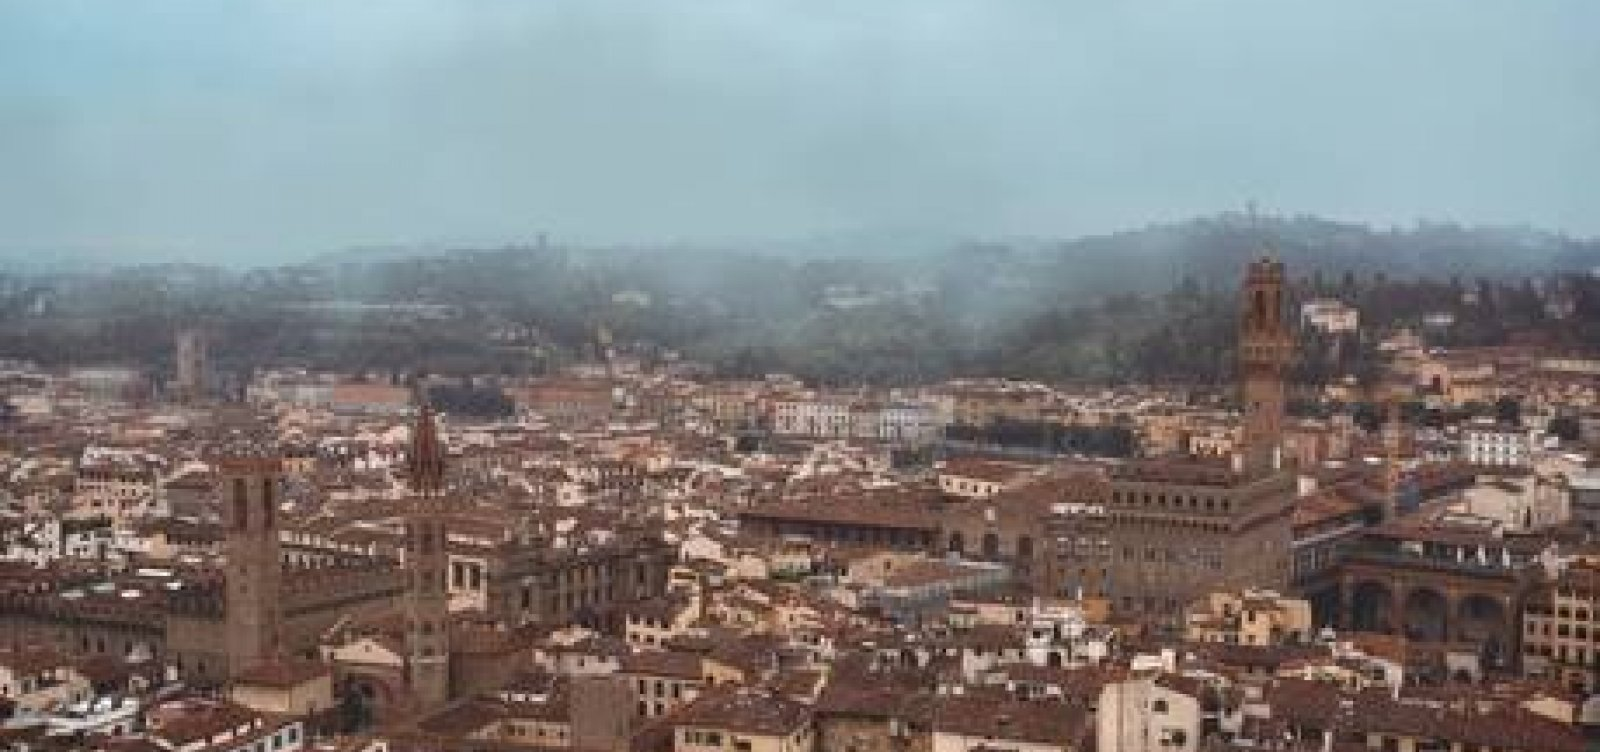 [Terremoto de magnitude 4,8 atinge Florença, na Itália]